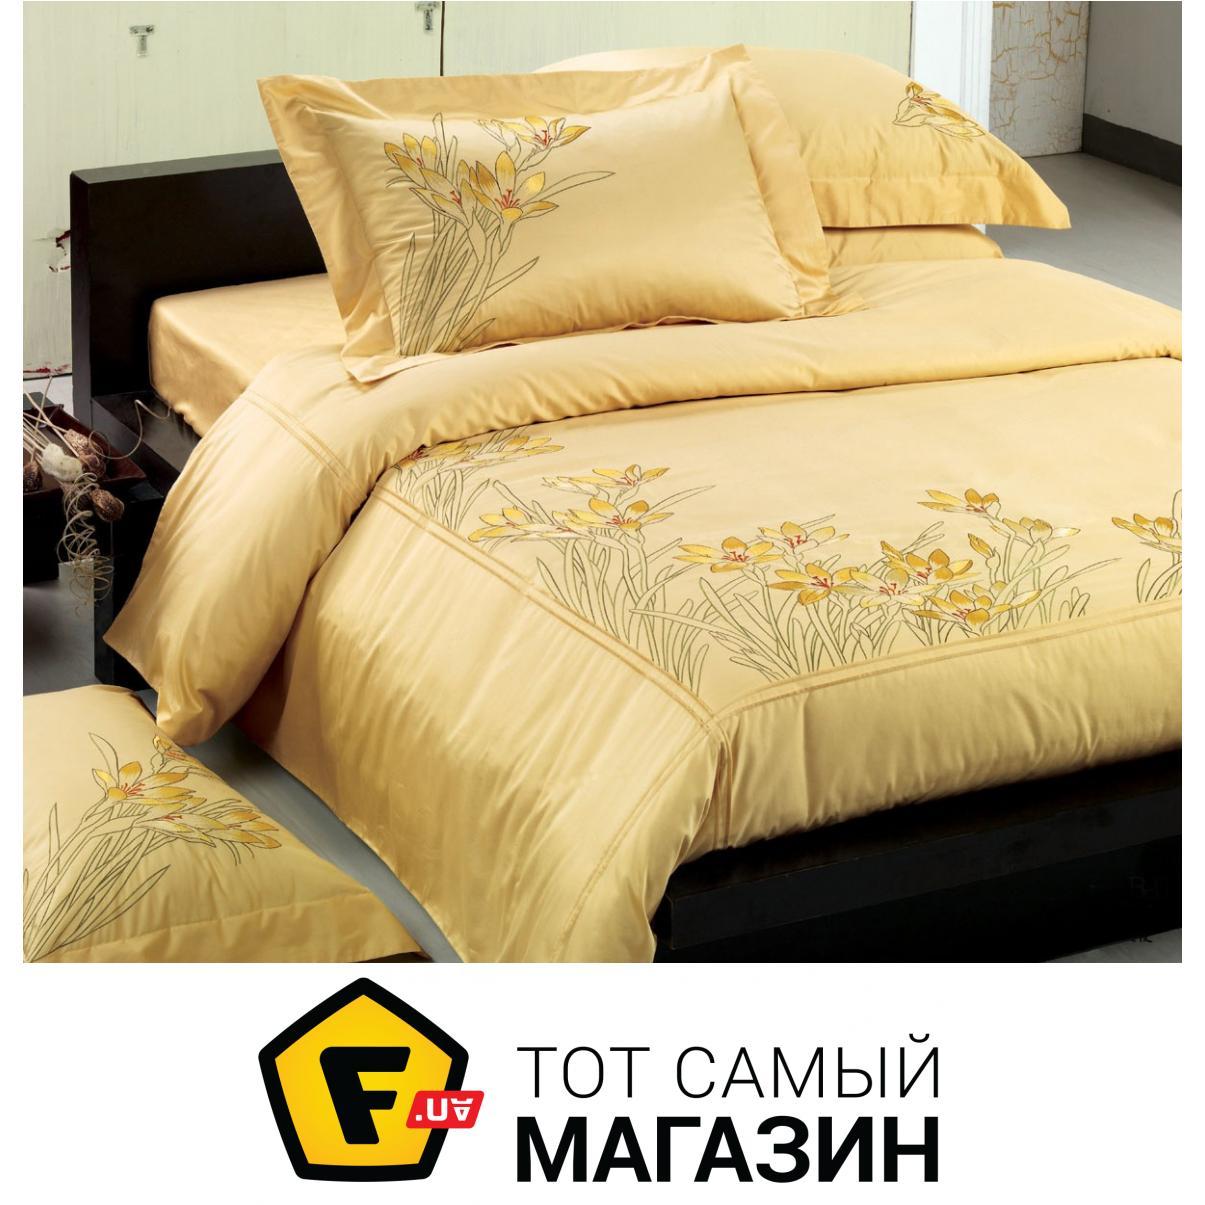 Комплект постельного белья семейный 150x215 см хлопок желтый Word of Dream  ВВ079 (семейный) 5ef6decdb27dc